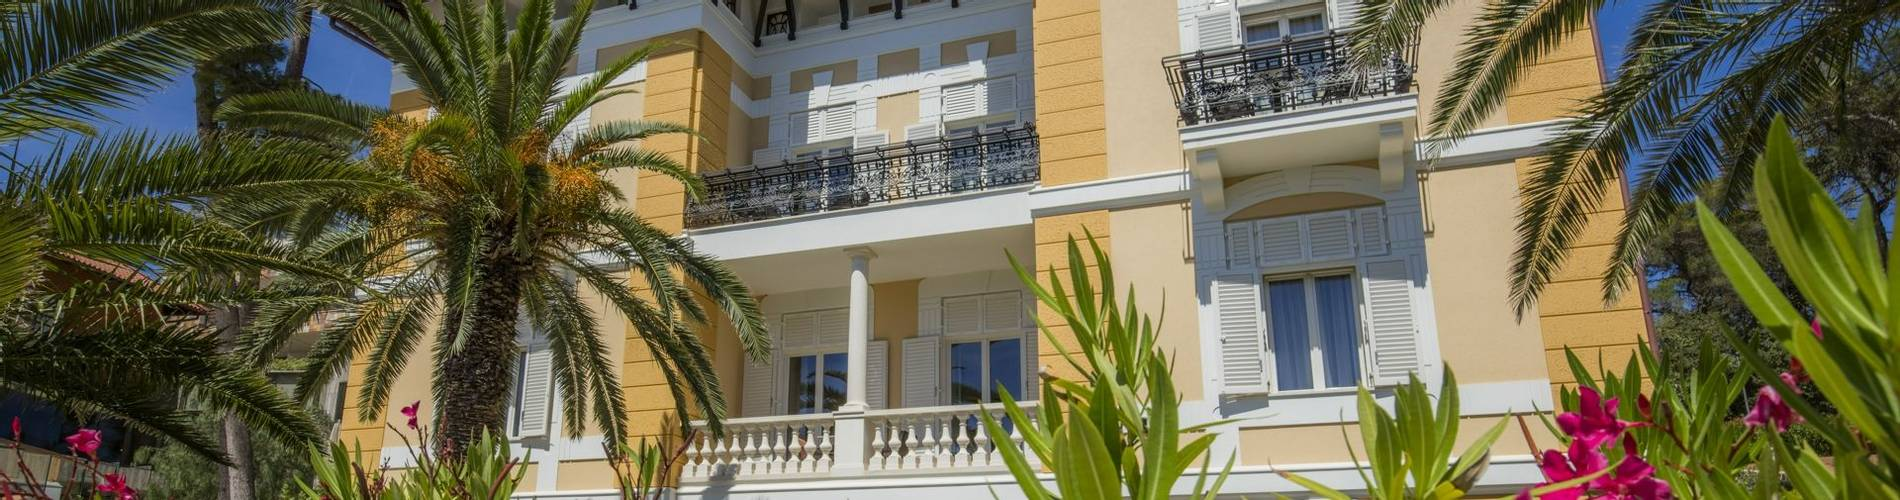 13. Boutique Hotel Alhambra-villa Augusta (1).jpg